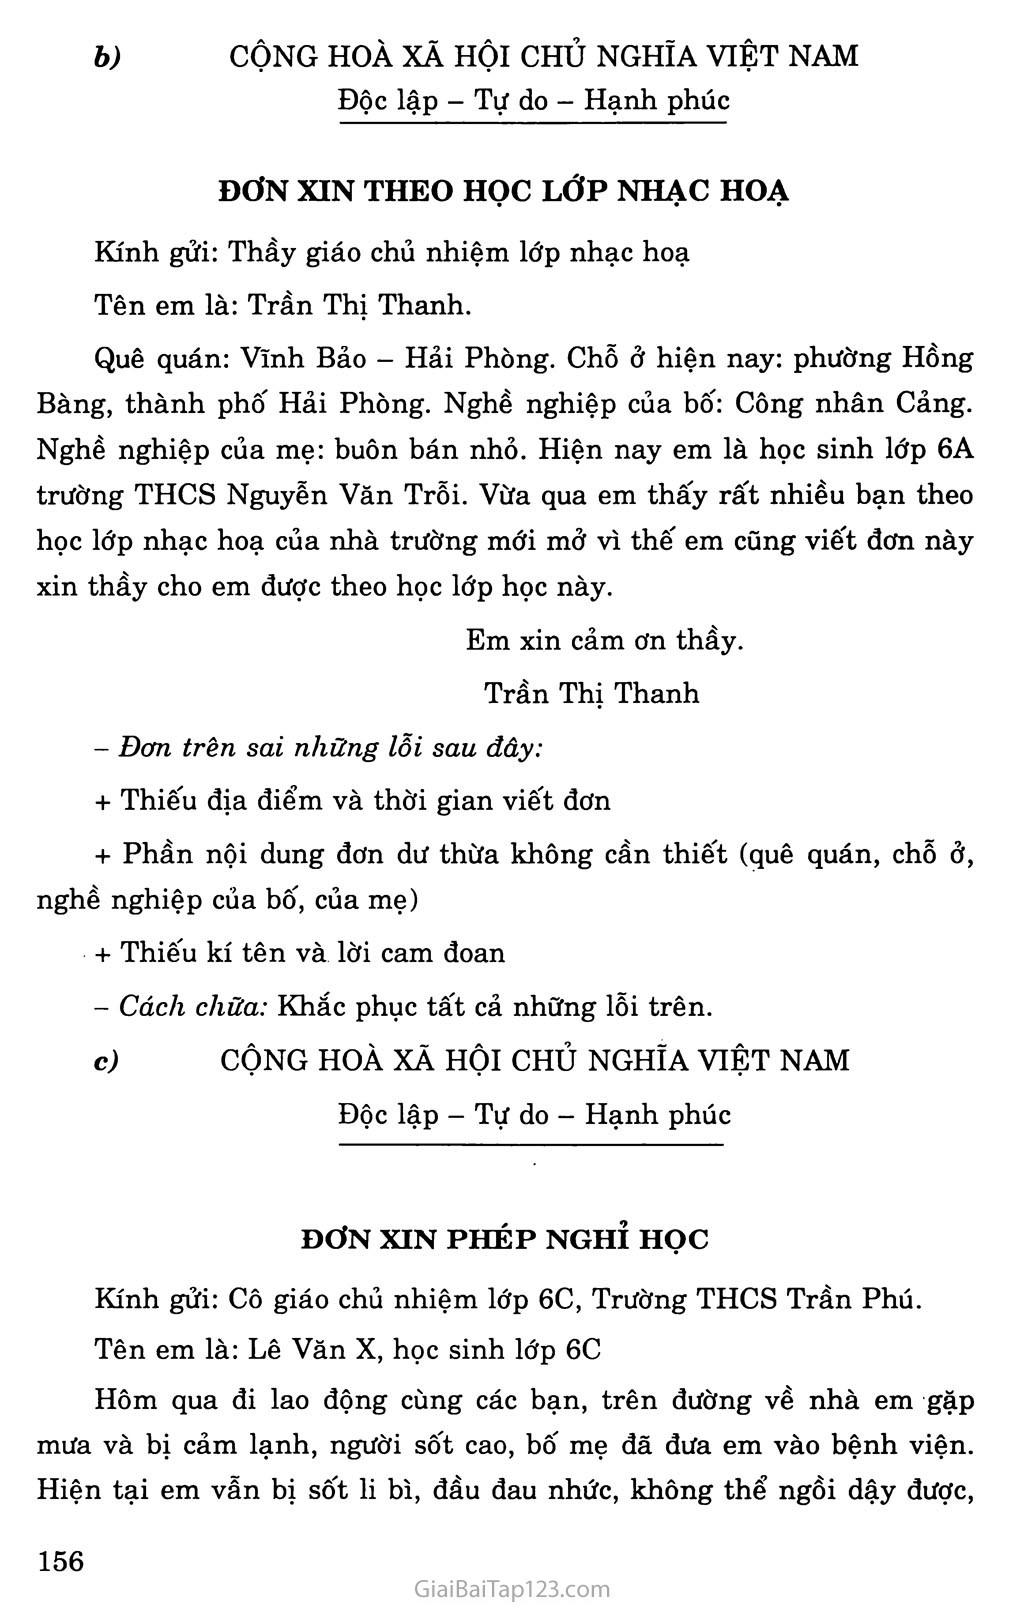 Luyện tập cách viết đơn và sửa lỗi trang 2